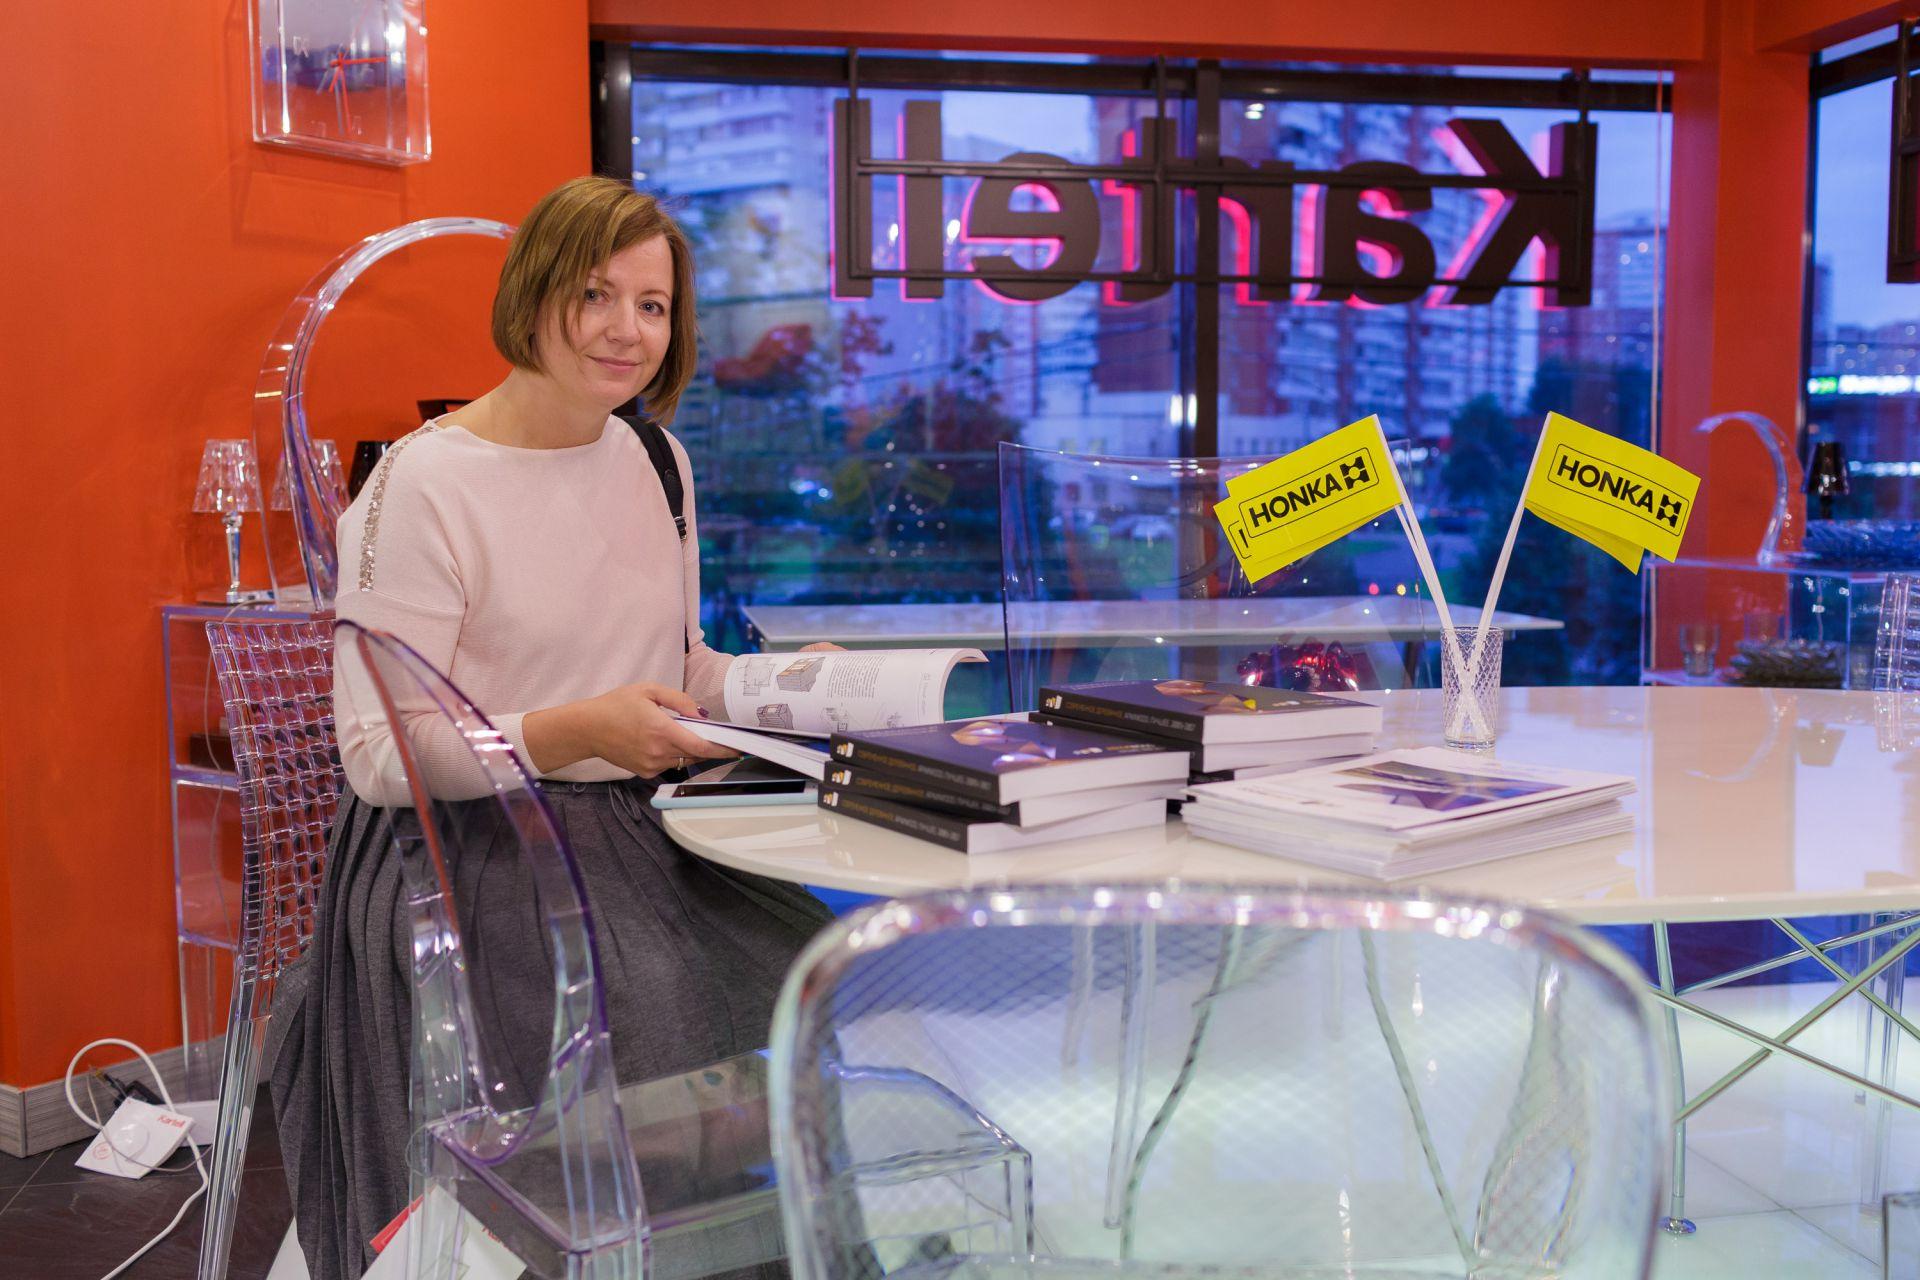 HONKA поддержала дизайнерский мастер-класс в Джиэльти